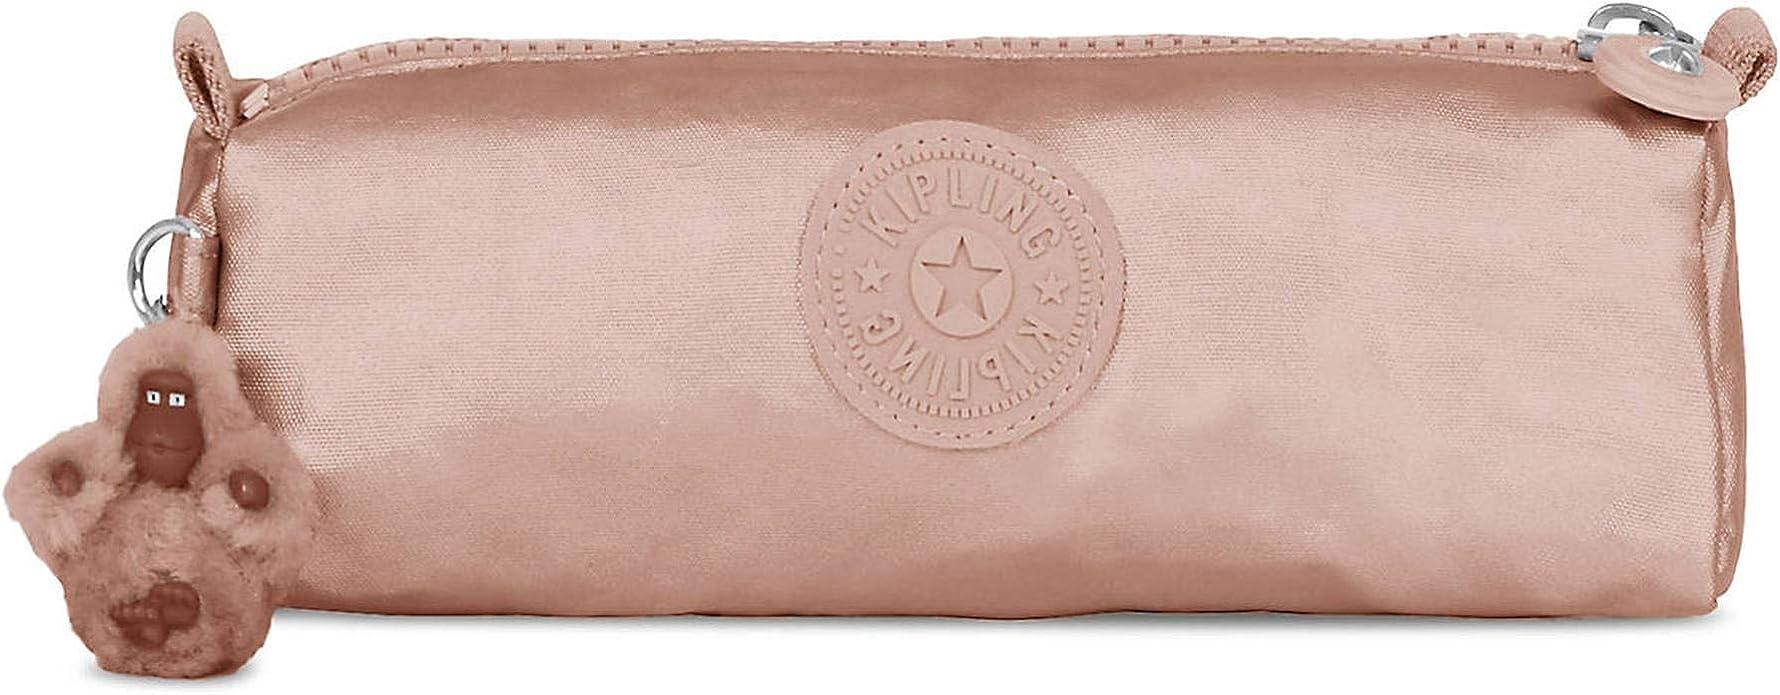 Kipling Freedom - Estuche para lápices, (Oro rosa metálico), Talla única: Amazon.es: Zapatos y complementos